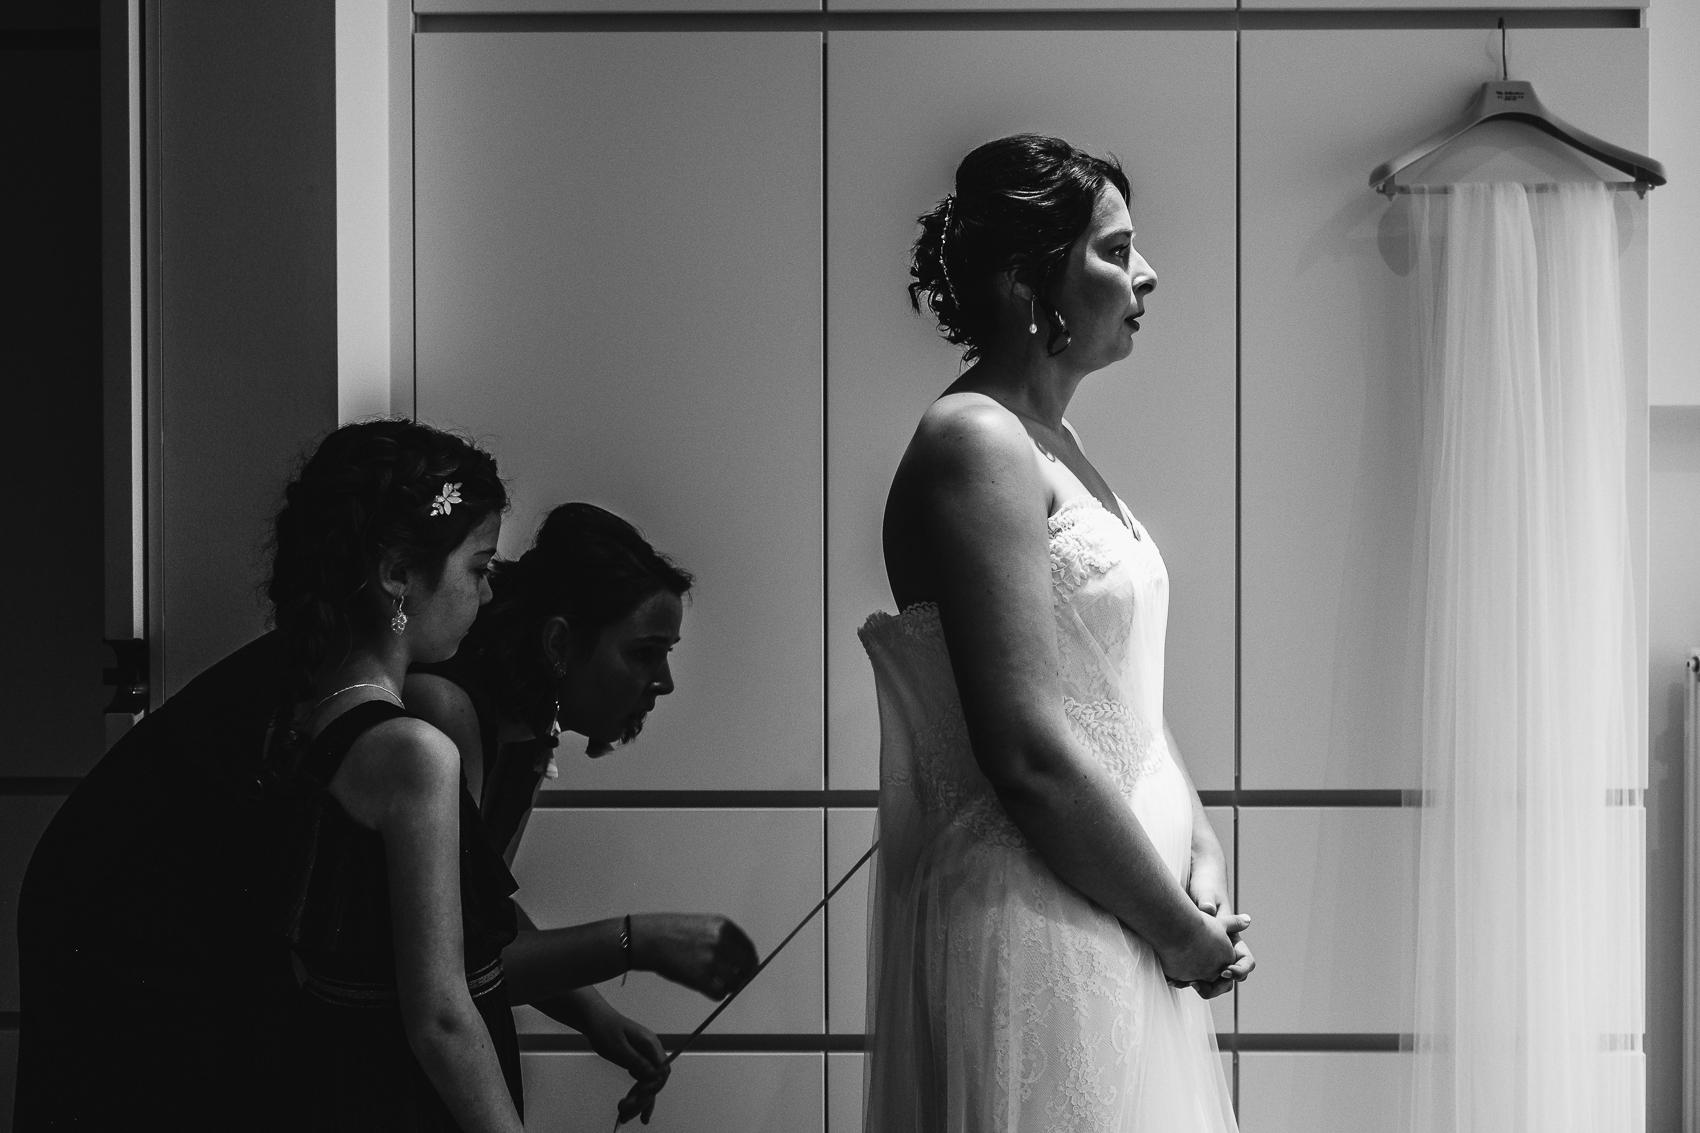 iso800 - huwelijksfotograaf katrien bart park west antwerpen-4.jpg